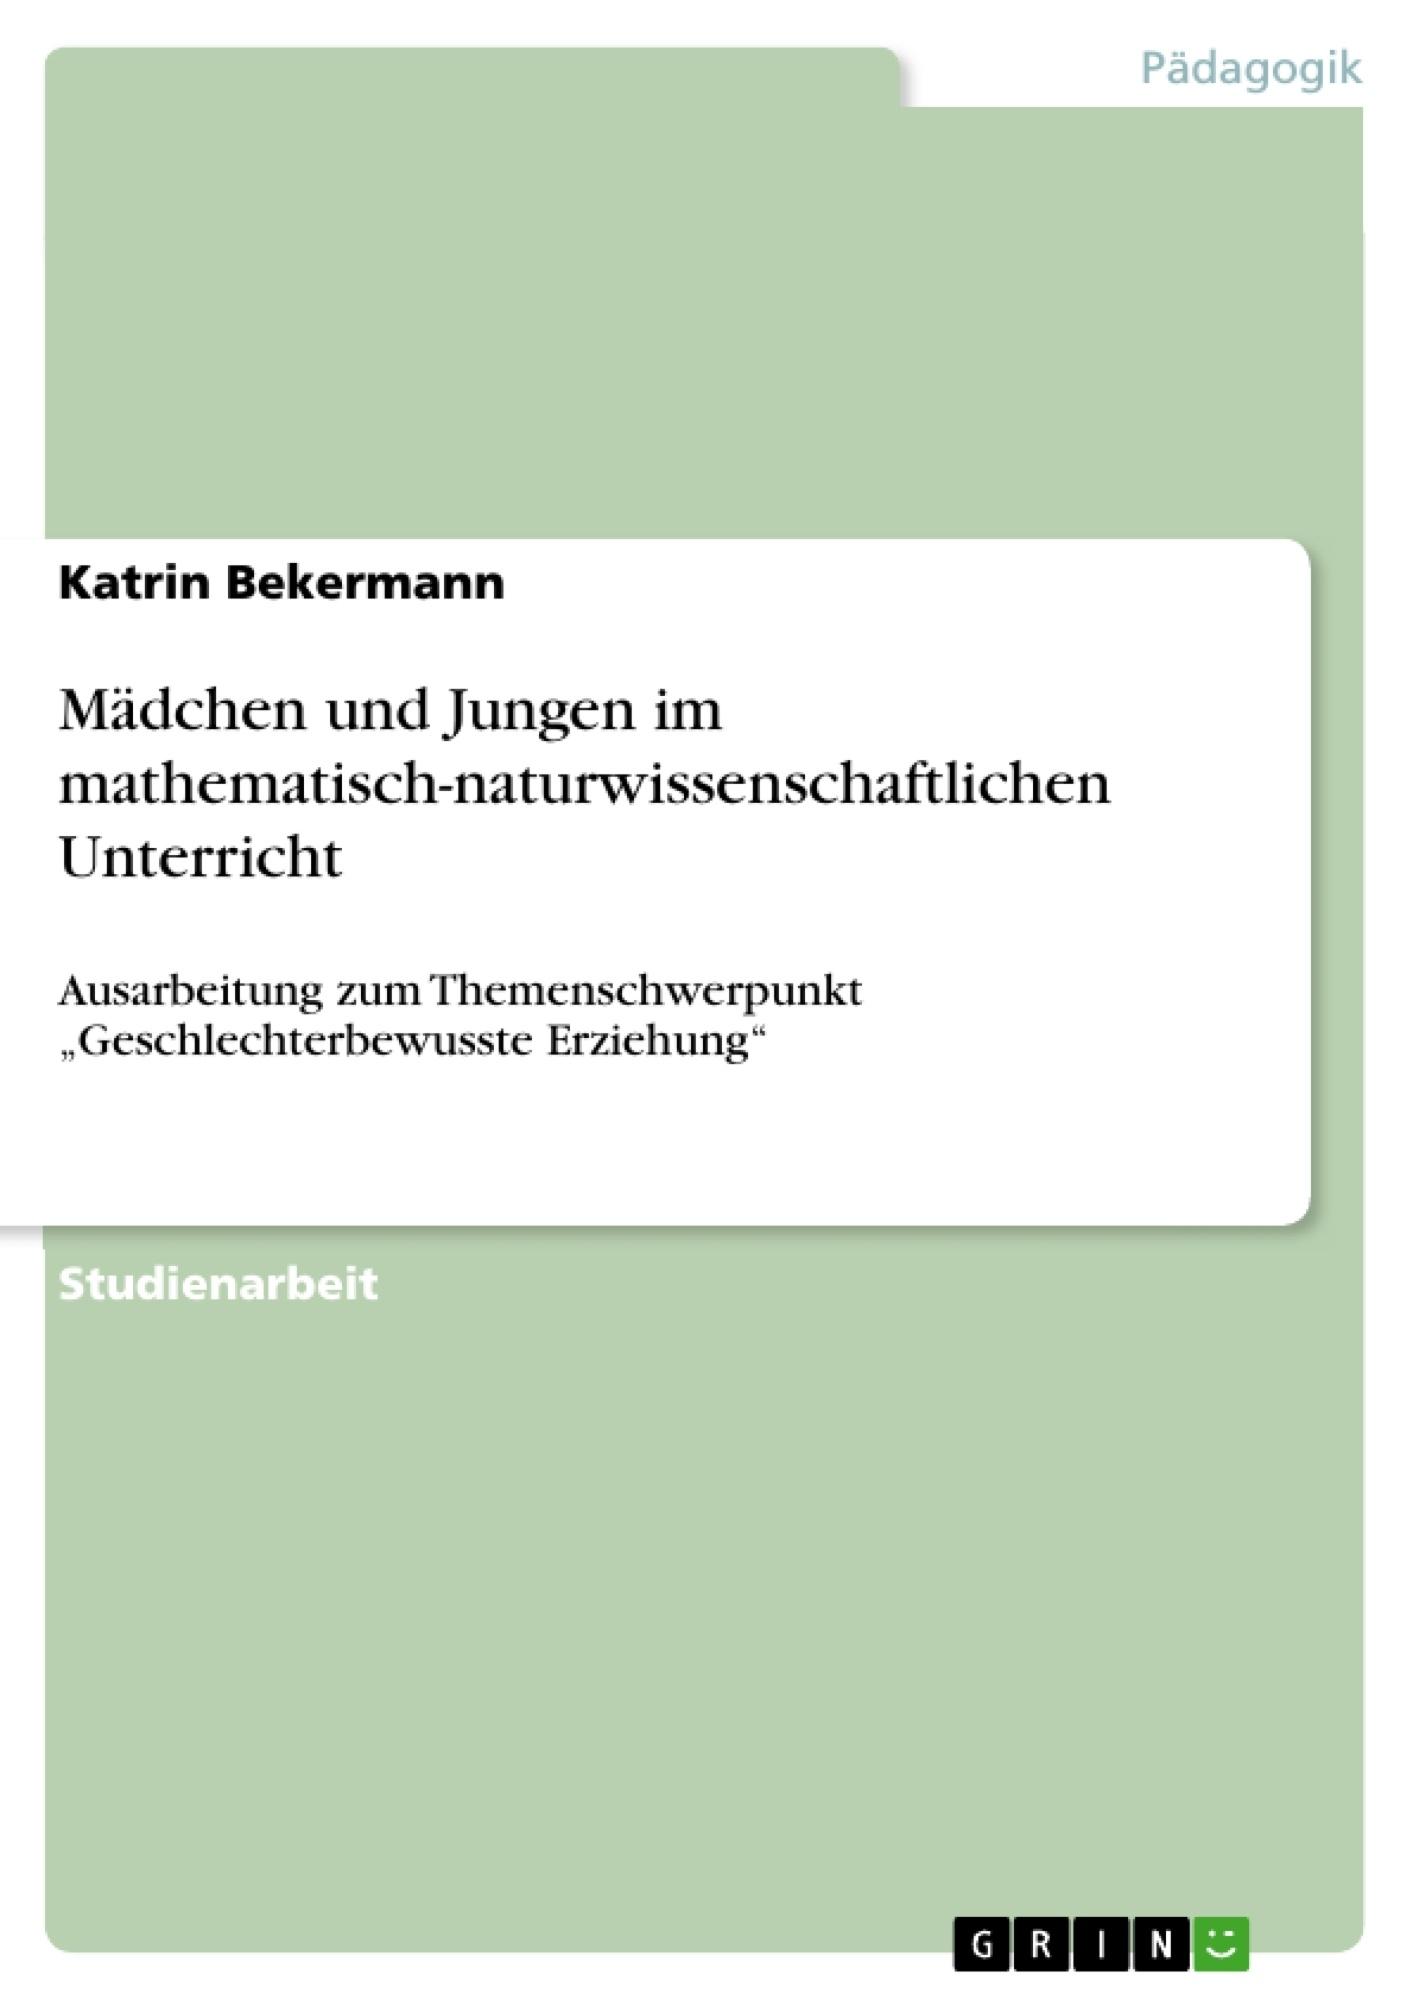 Titel: Mädchen und Jungen im  mathematisch-naturwissenschaftlichen Unterricht